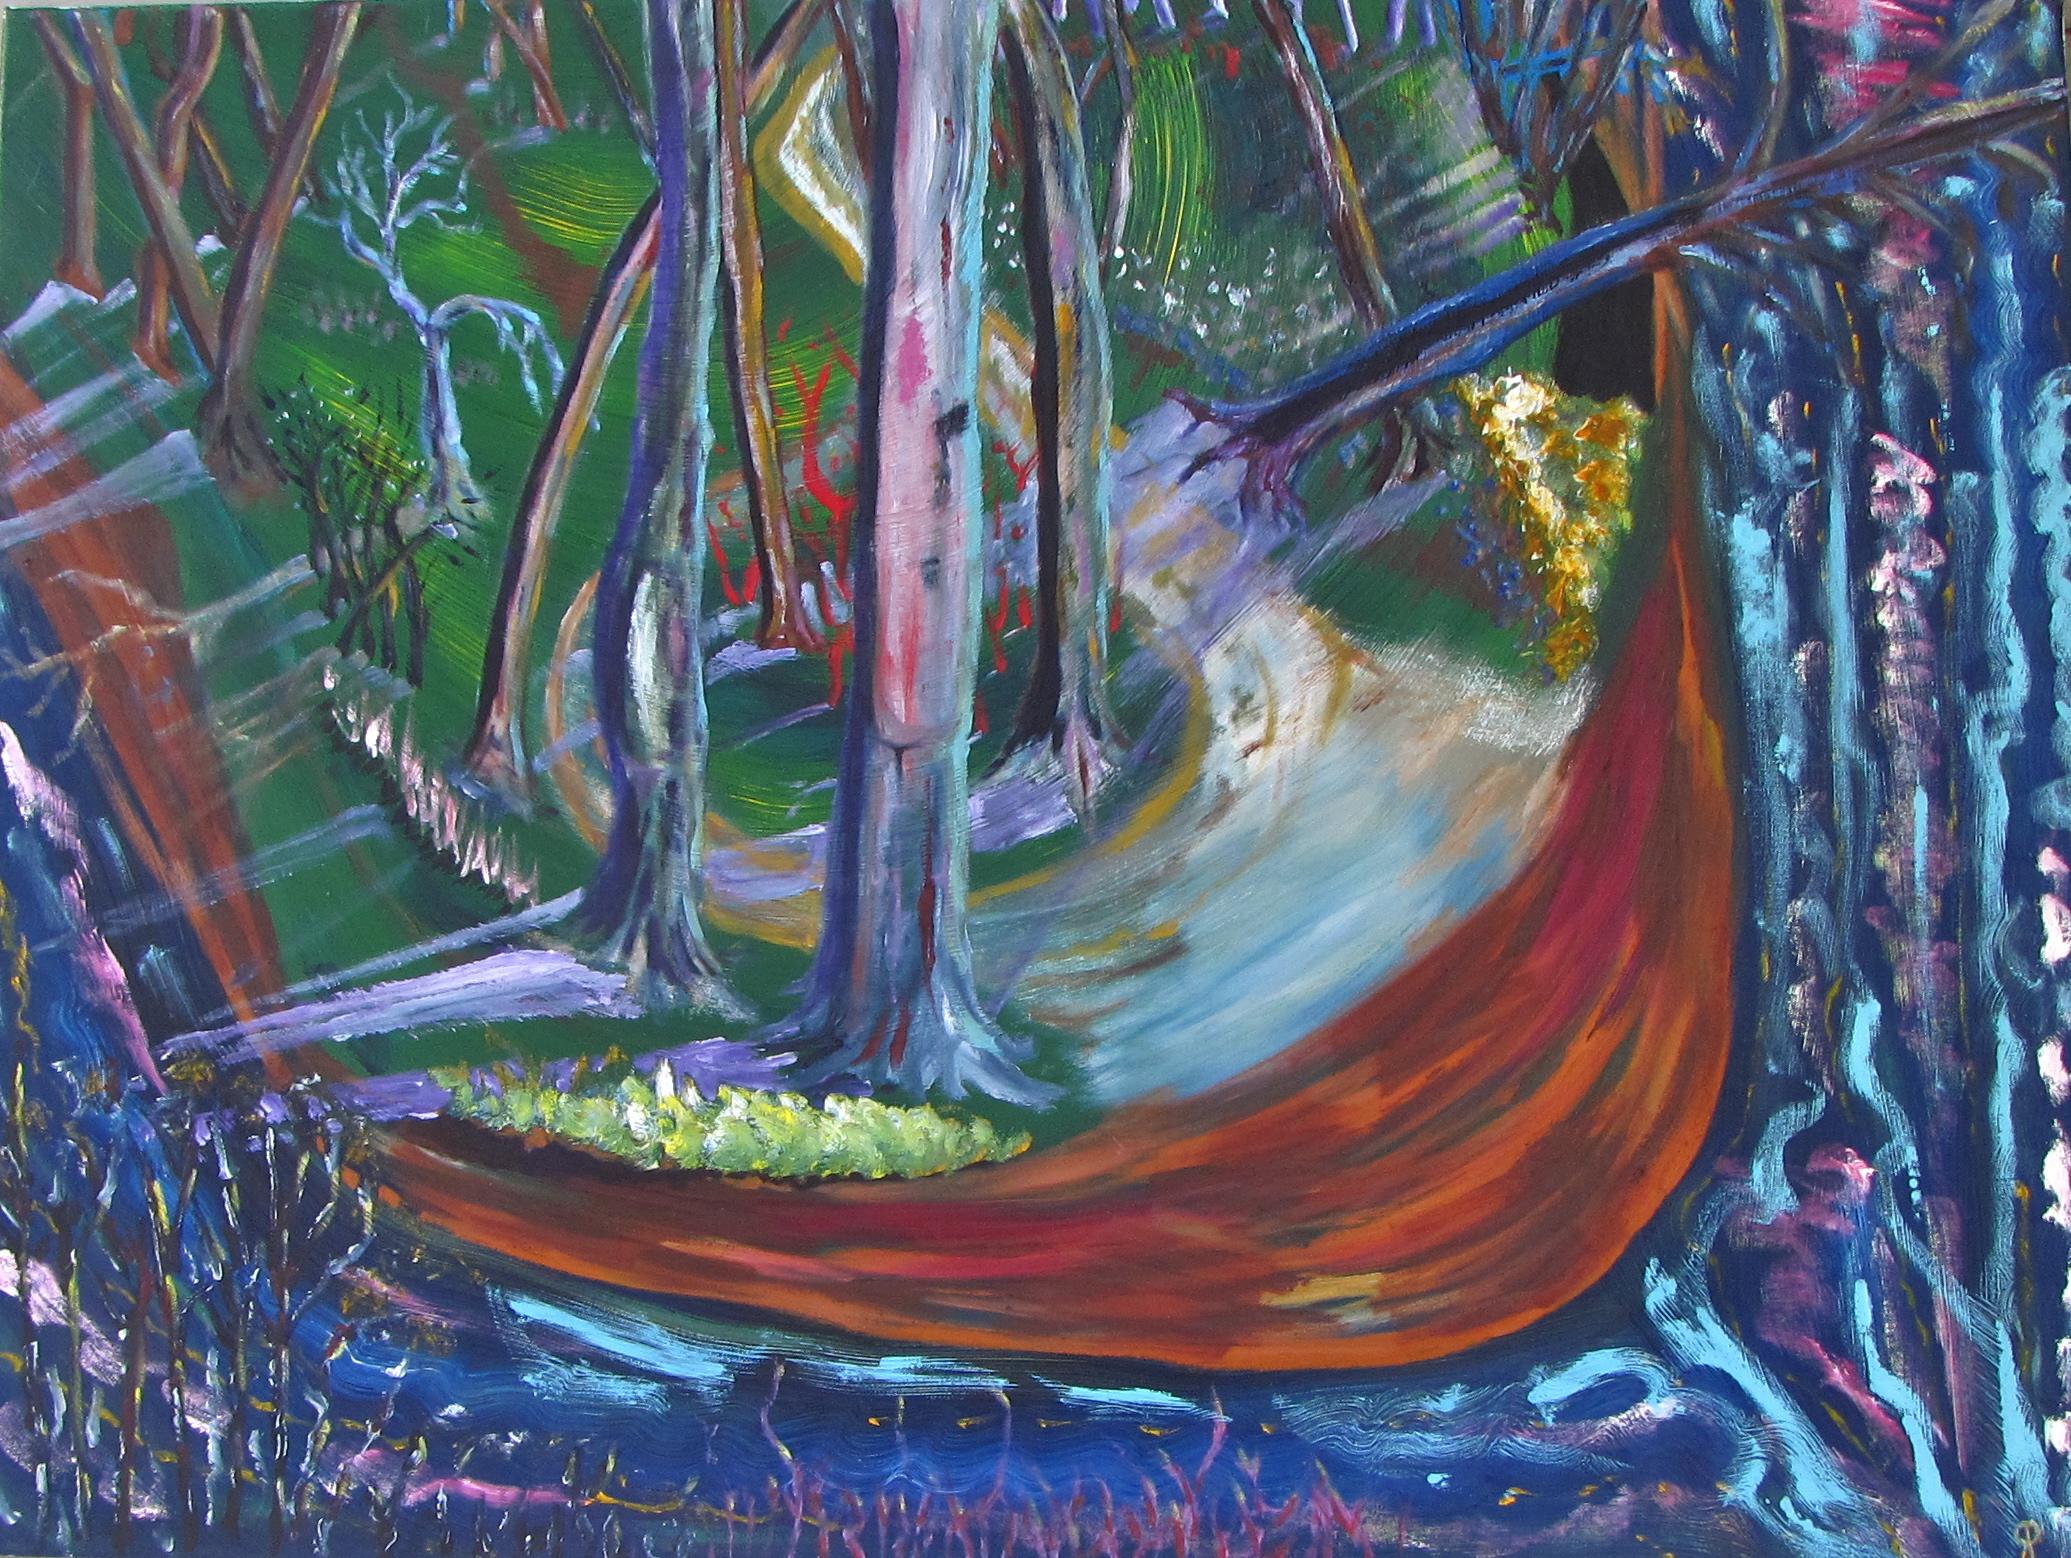 River Overlook, Russell Steven Powell, 40x30